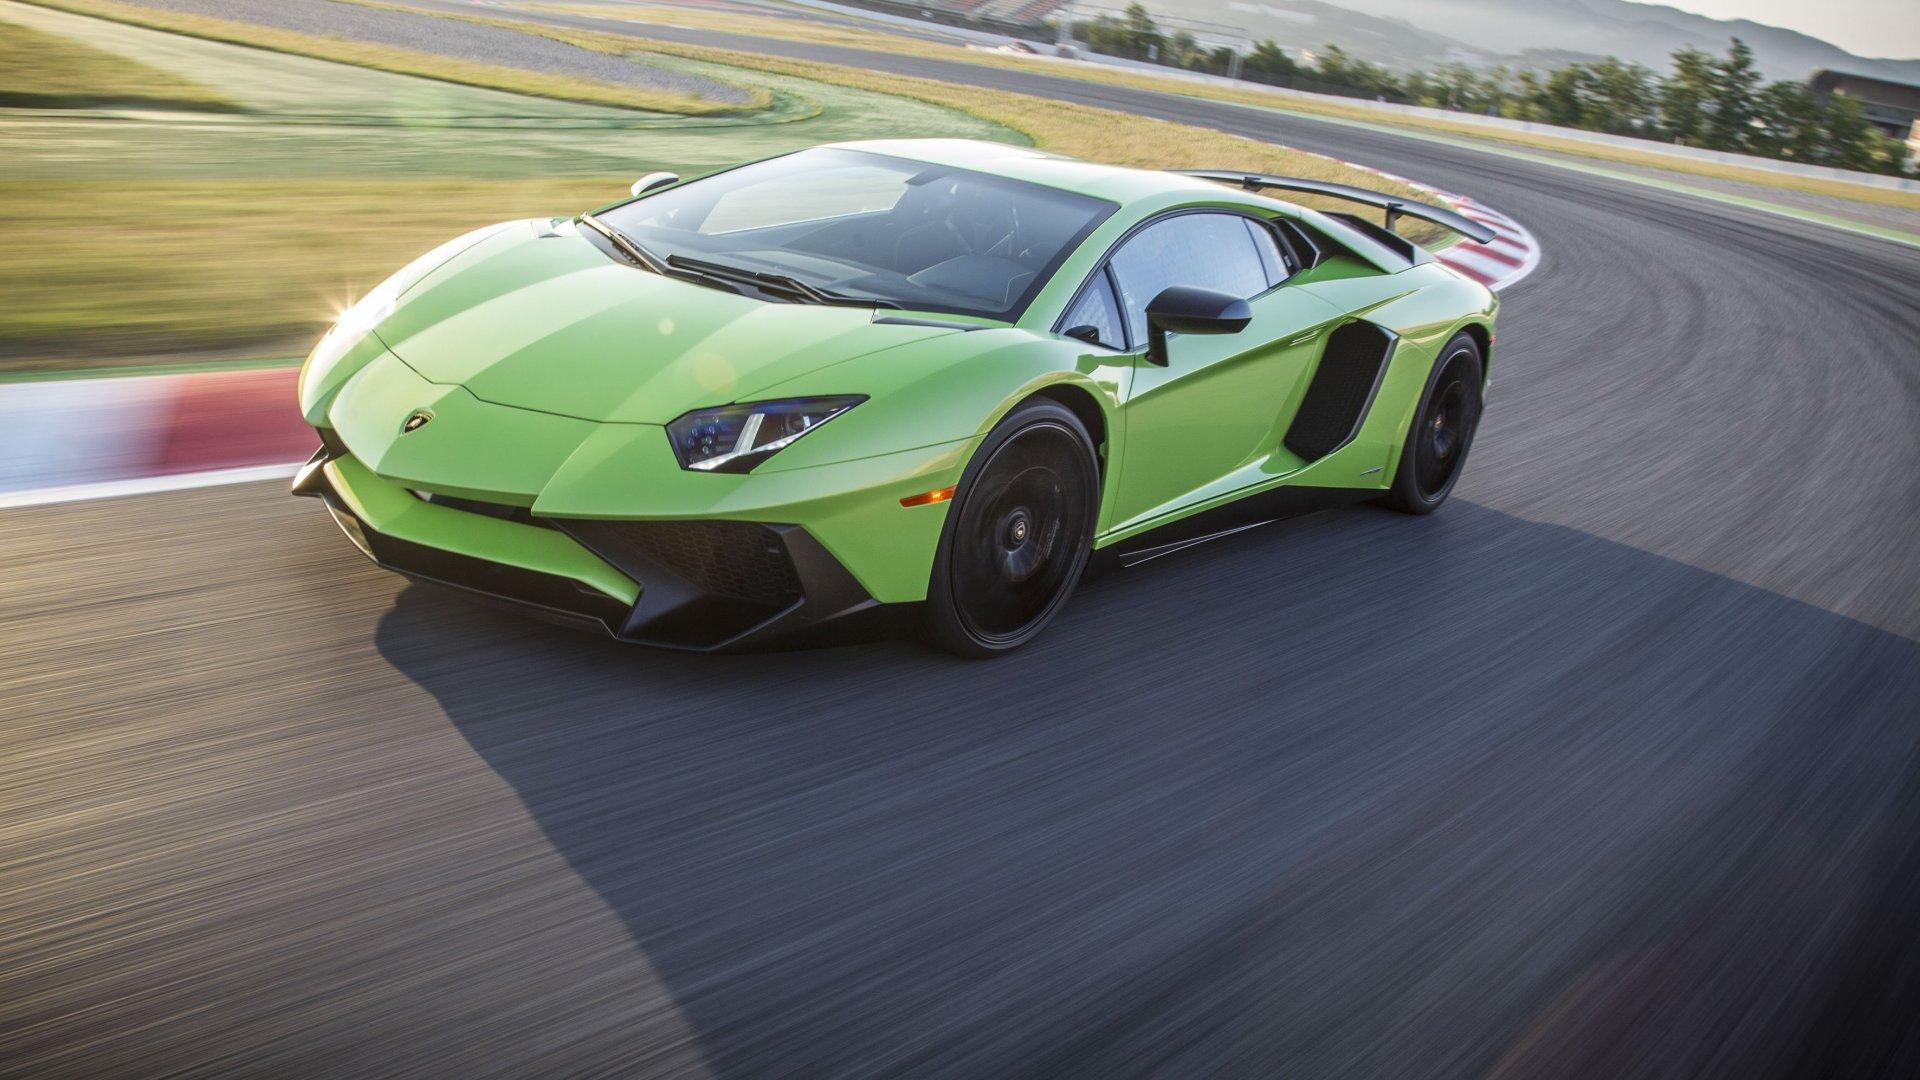 Lamborghini-Aventador-LP-Superveloce-lamborghini-aventador-superveloce-wallpaper-wp5208616